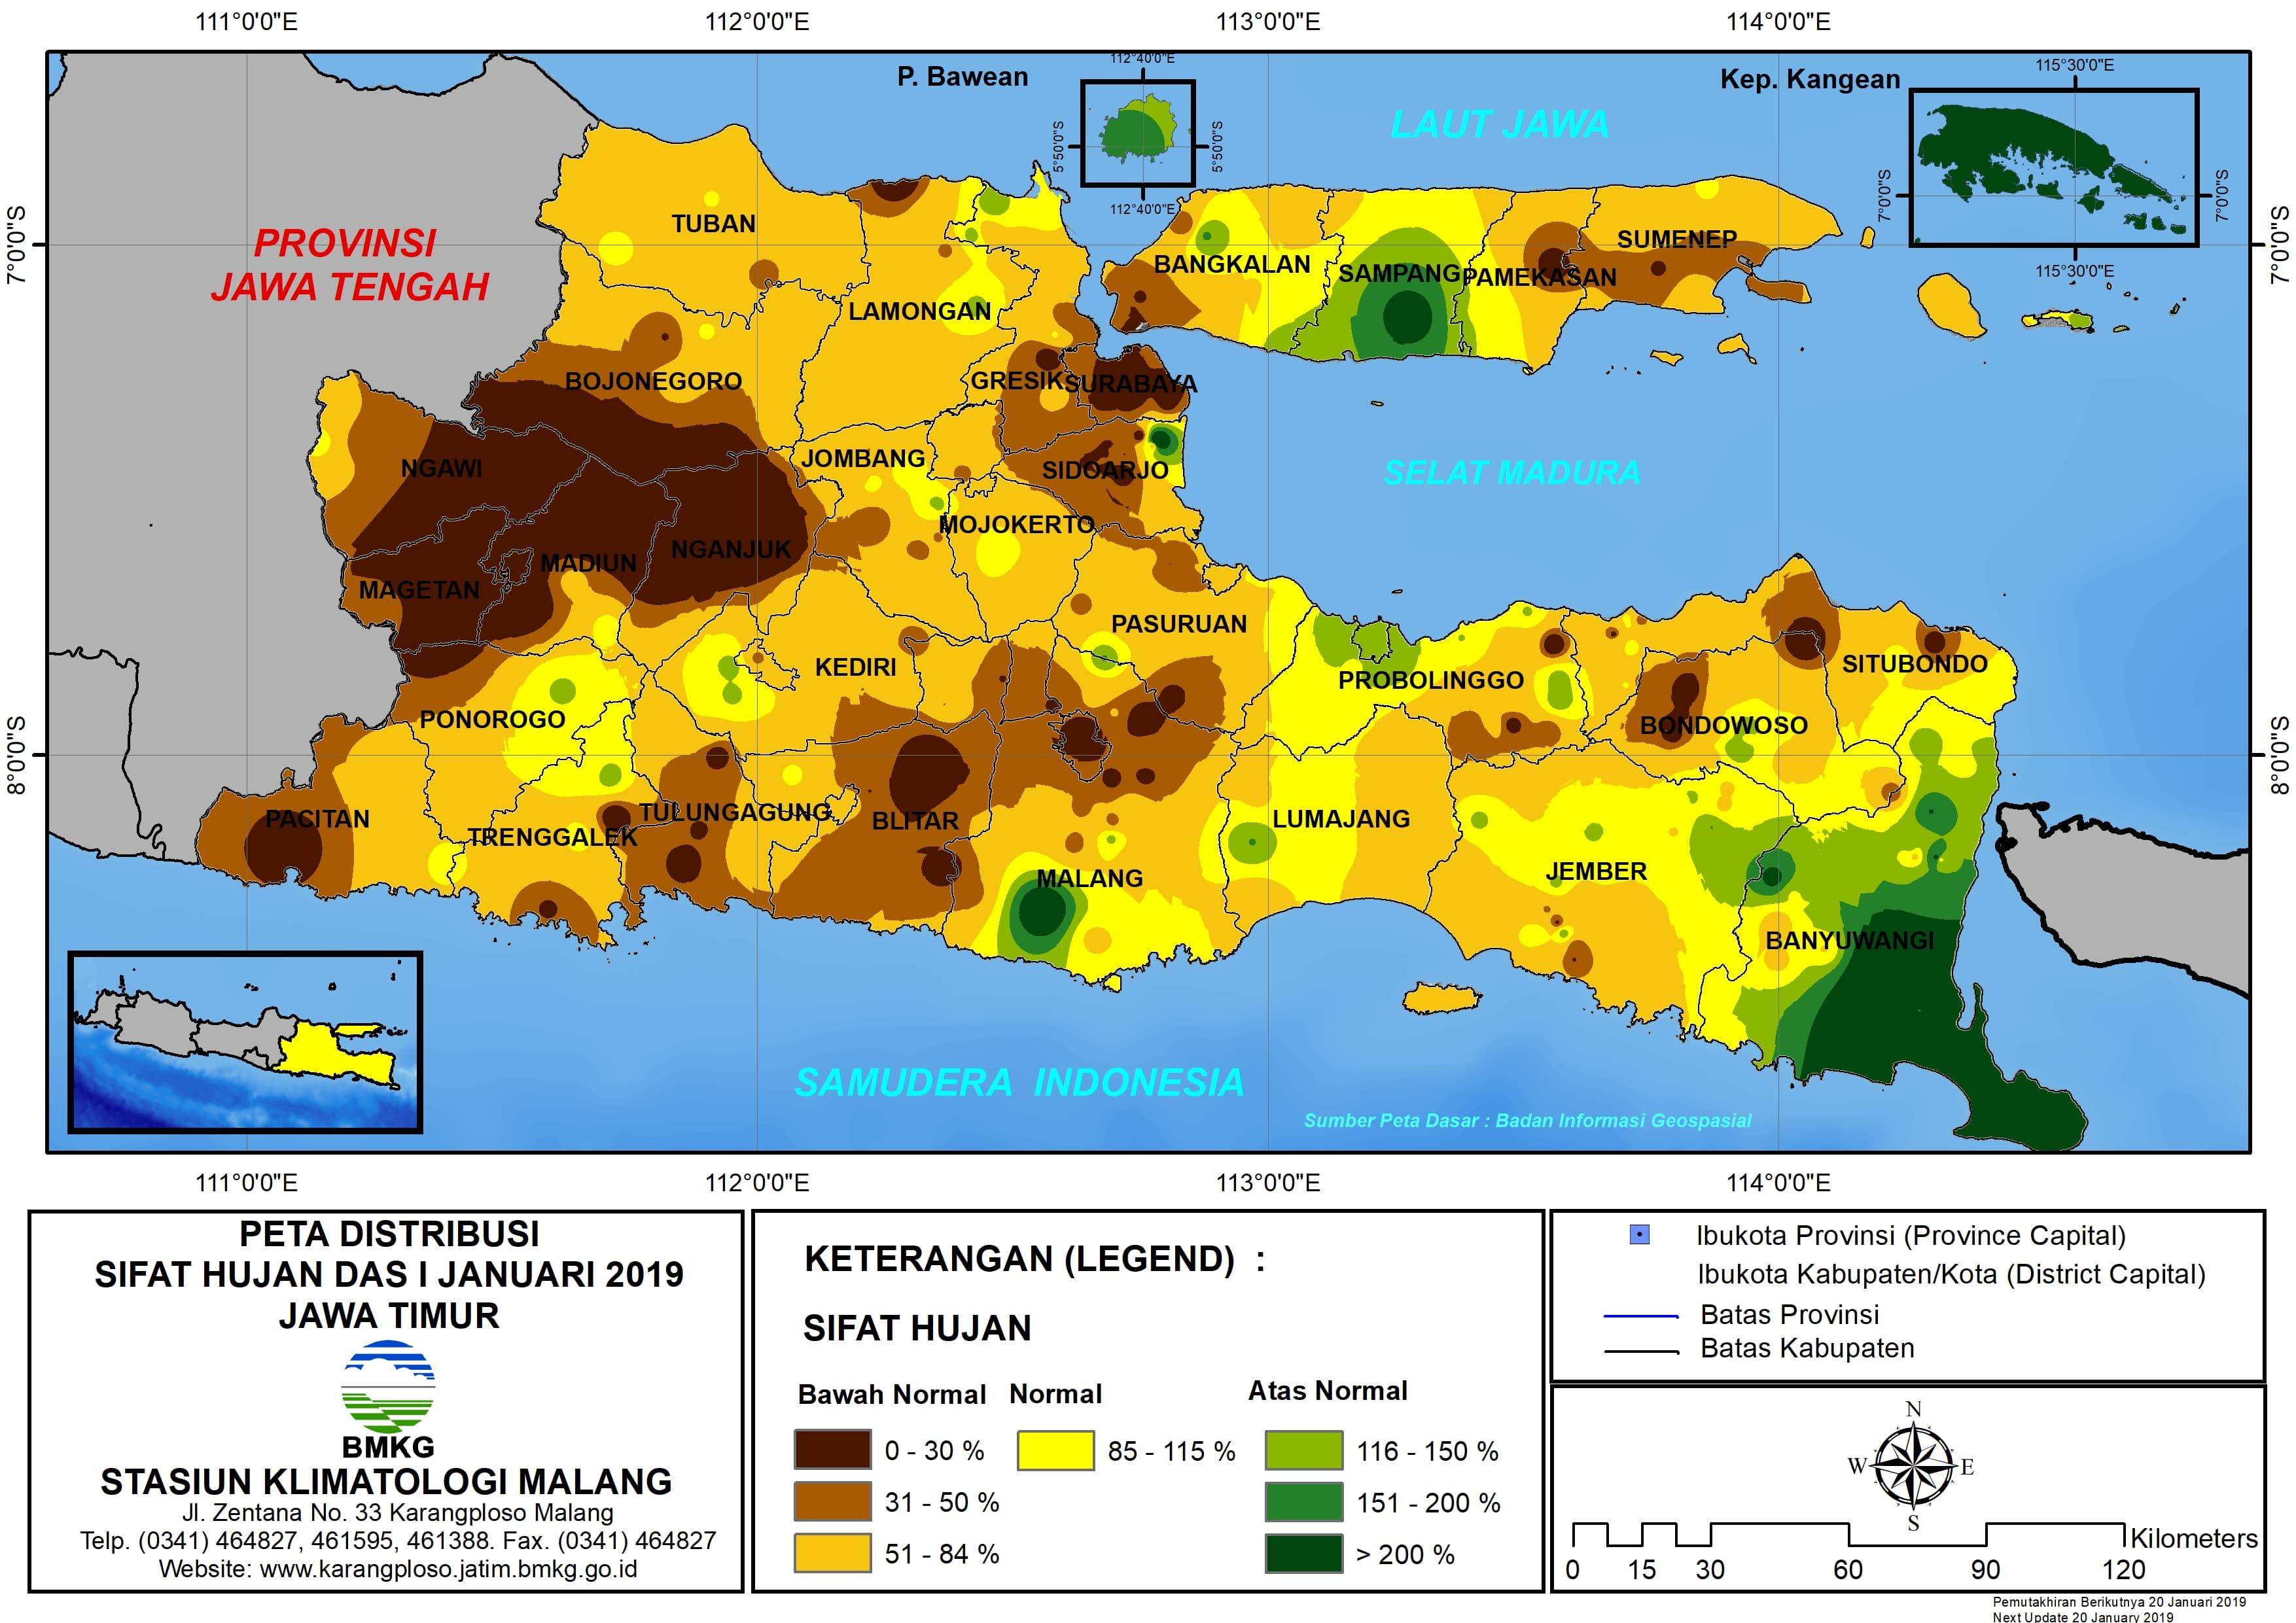 Peta Analisis Distribusi Sifat Hujan Dasarian I Januari 2019 di Provinsi Jawa Timur